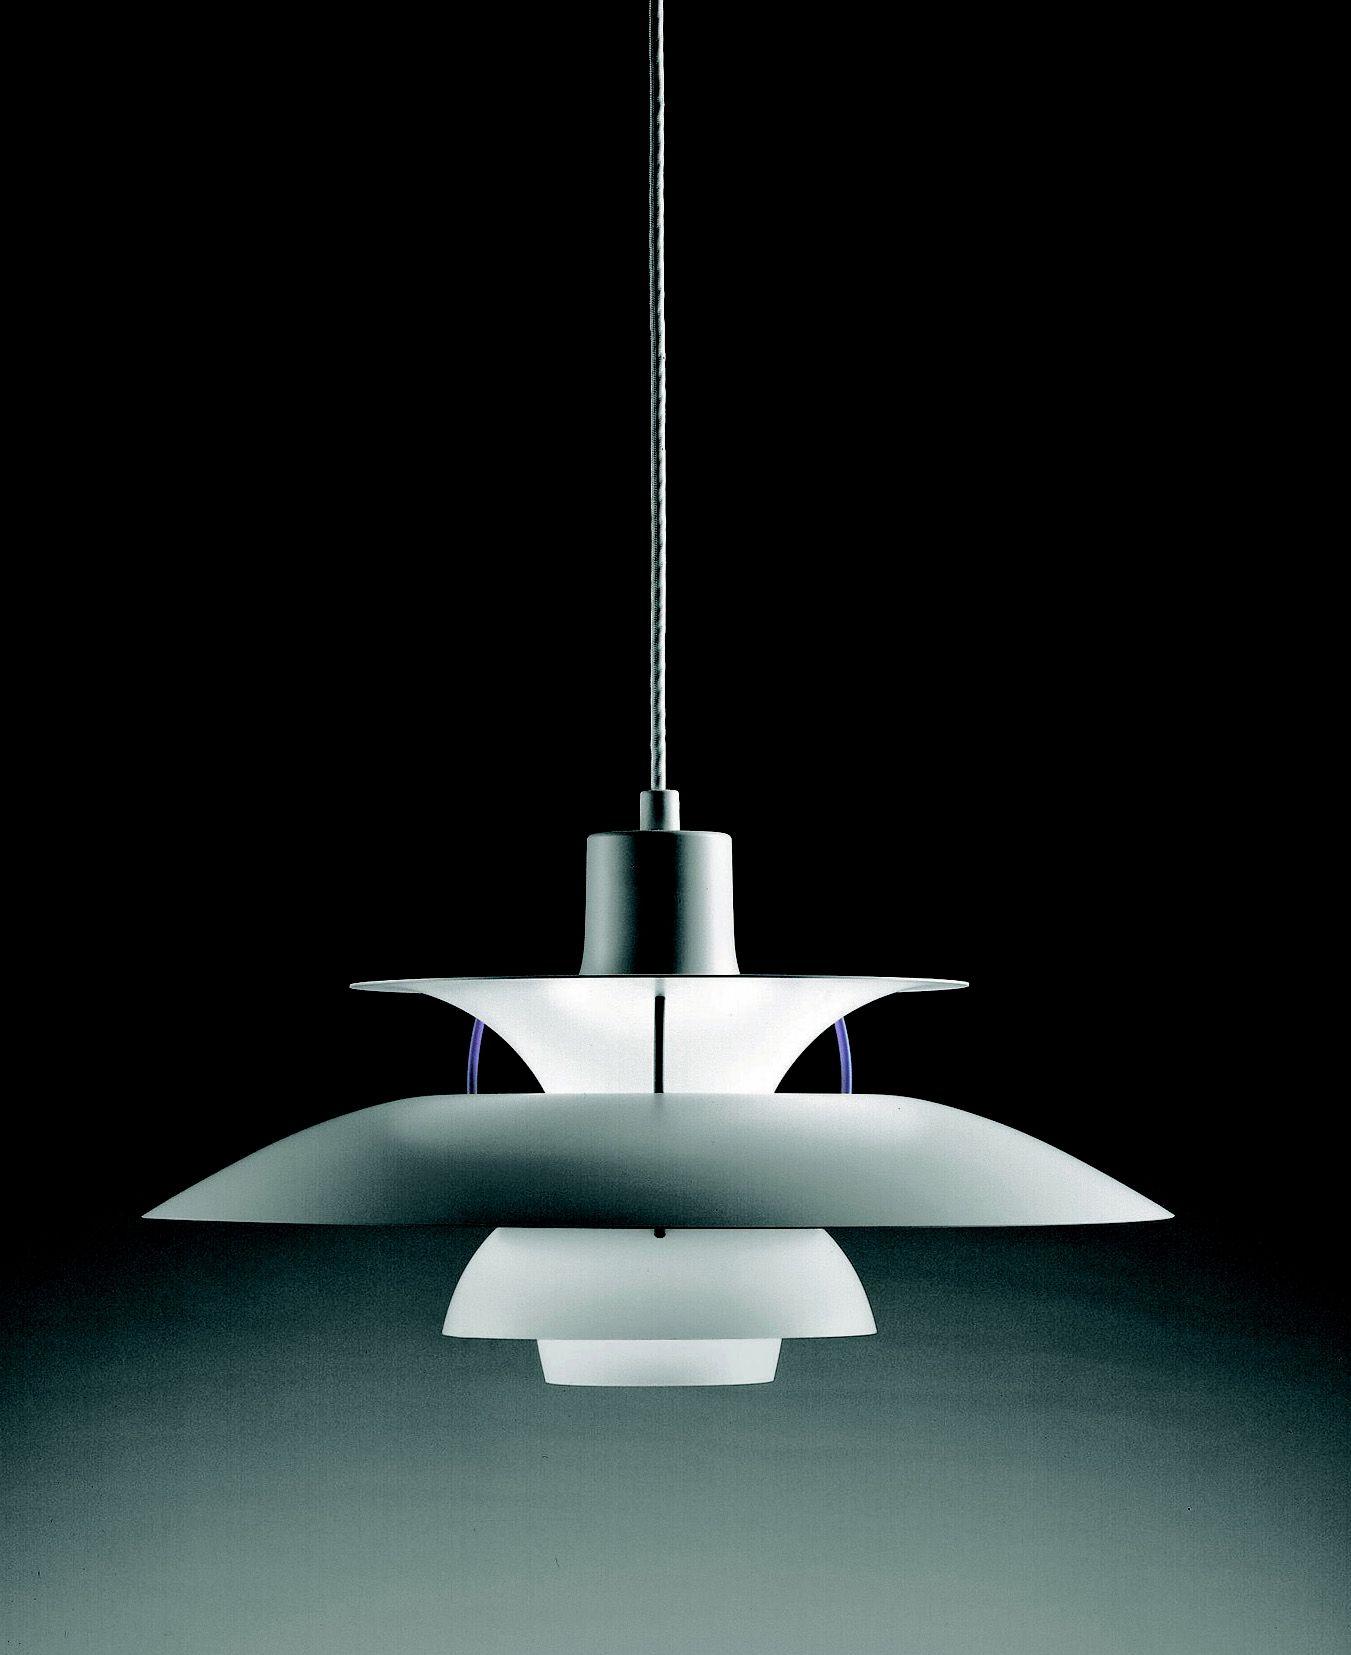 Full Size of Deckenlampe Skandinavisch Skandinavische Lampen Schlafzimmer Esstisch Wohnzimmer Deckenlampen Modern Für Küche Bad Bett Wohnzimmer Deckenlampe Skandinavisch